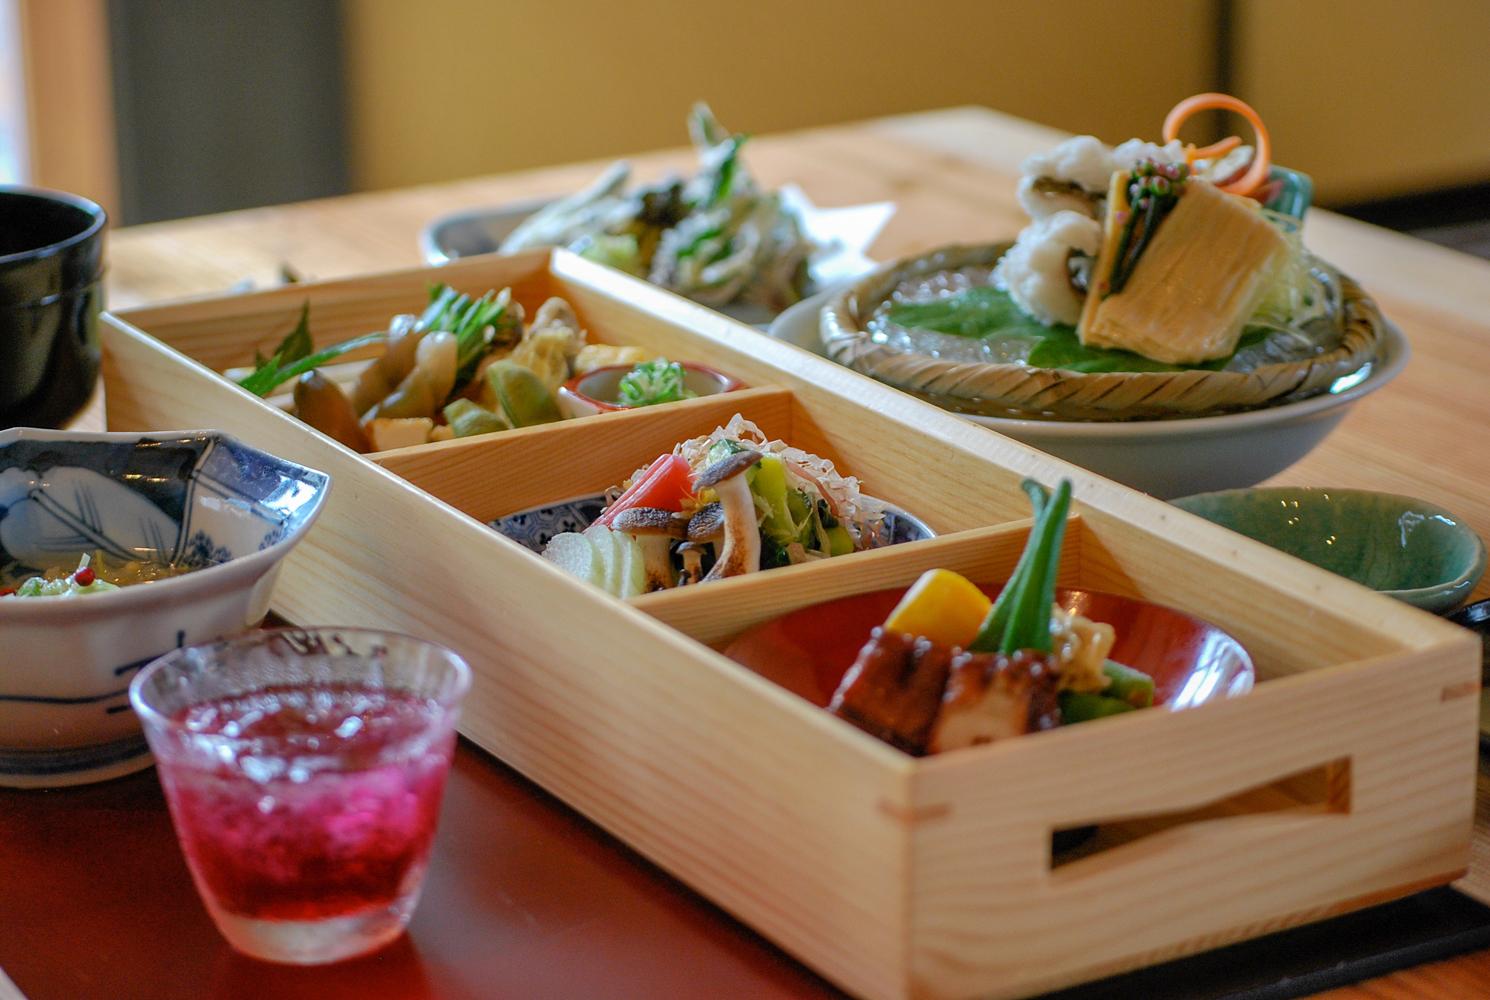 【ふるさと納税】大和五條 野菜のレストラン 五條源兵衛ディナー2名様分